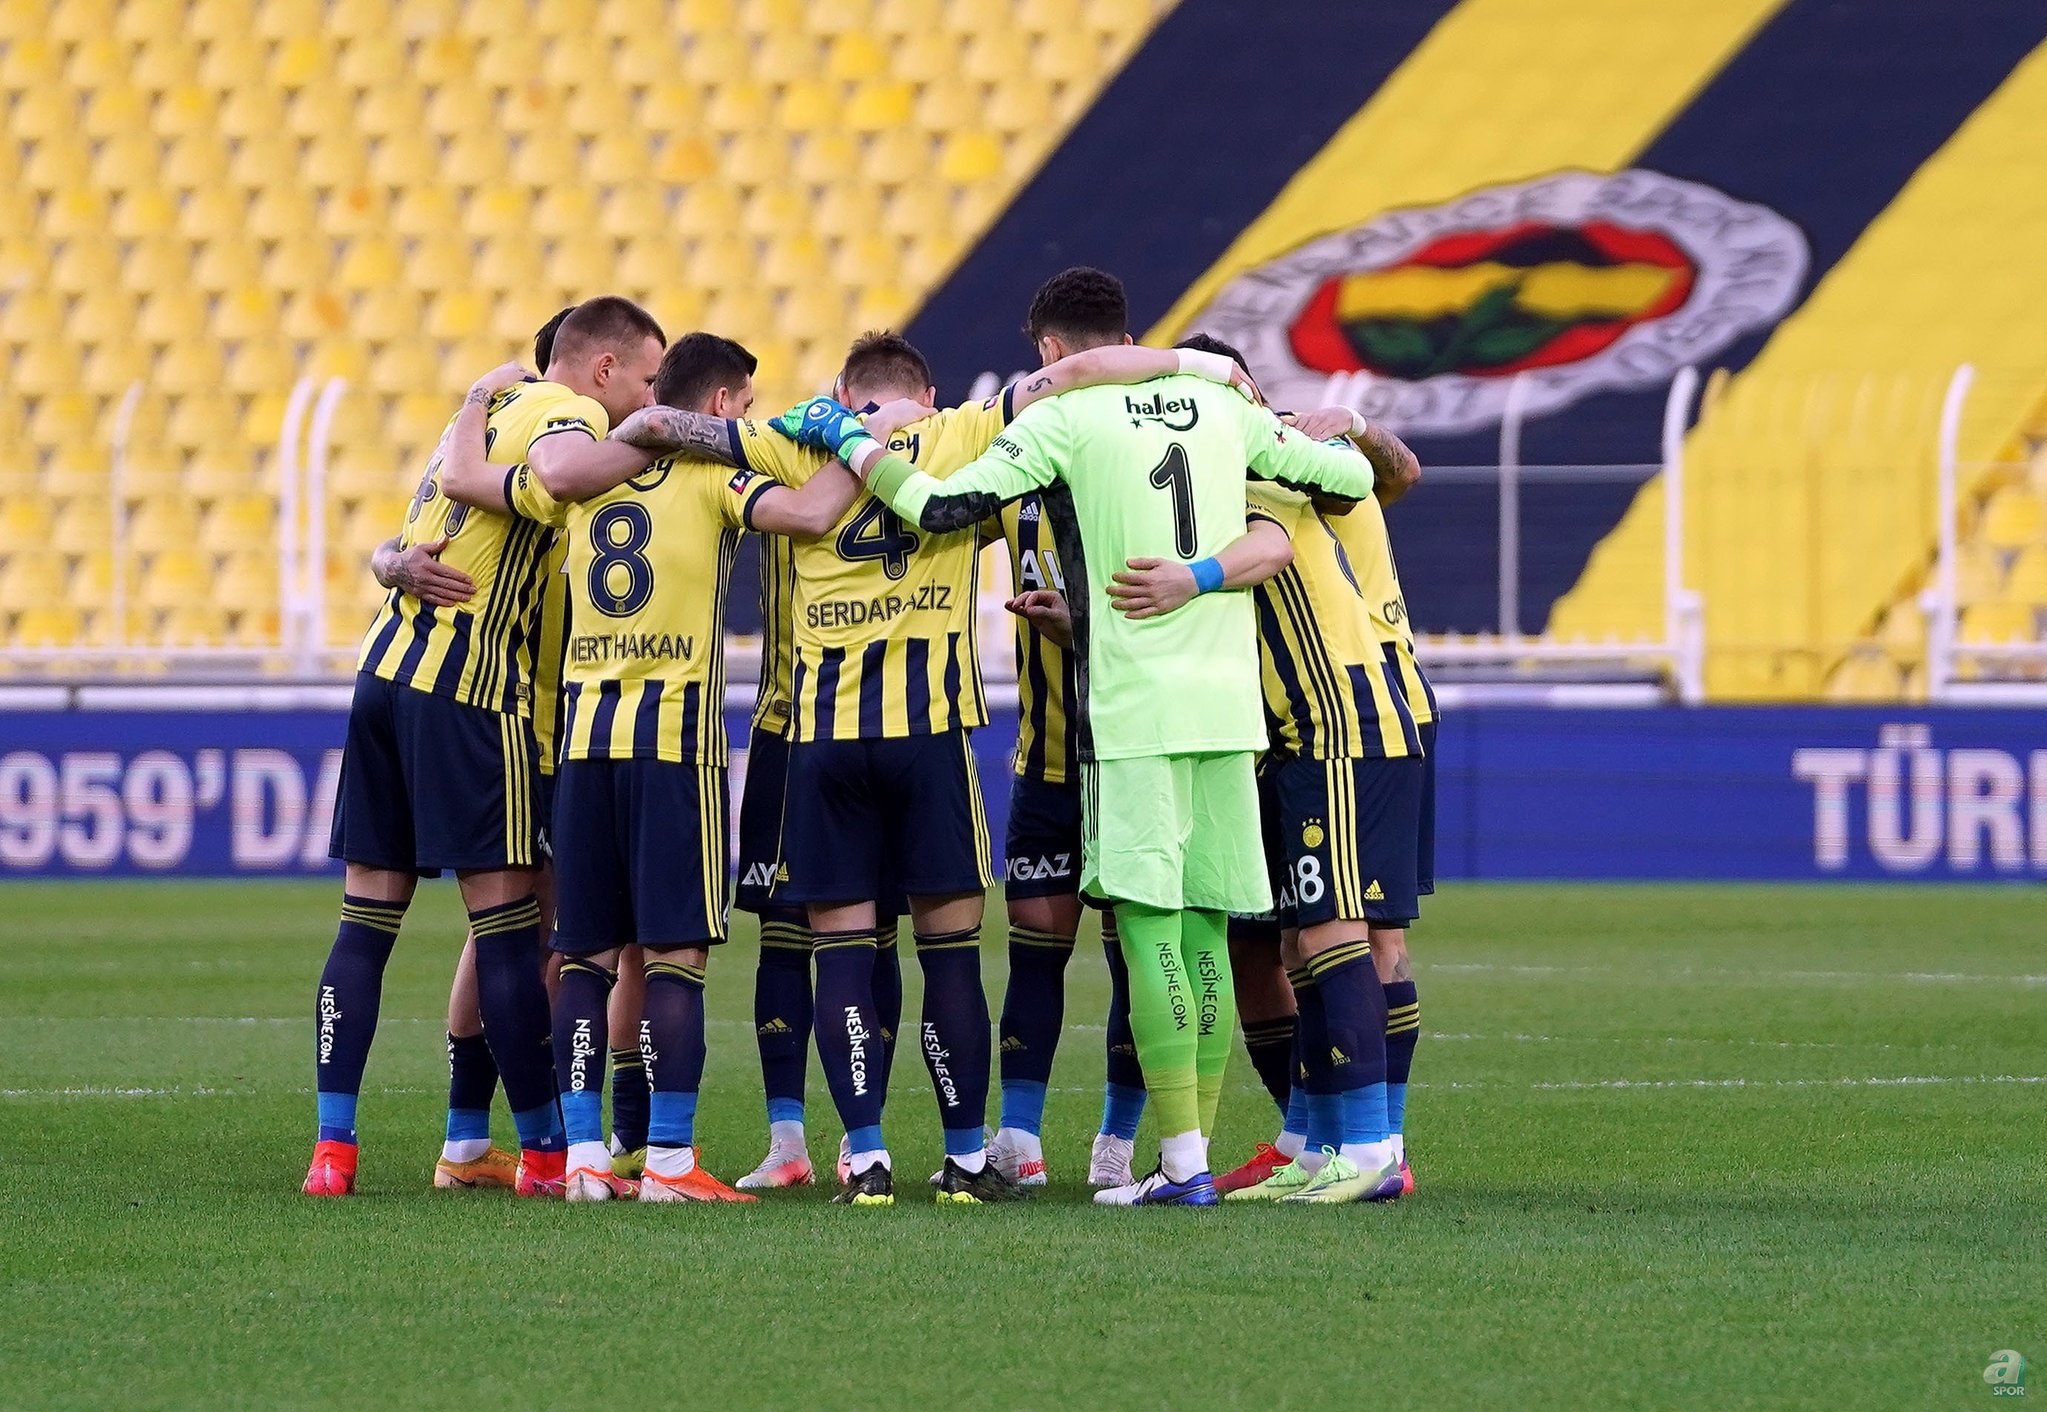 Süper Lig'de Fenerbahçe, sezona mutlak şampiyonluk parolasıyla başladı.